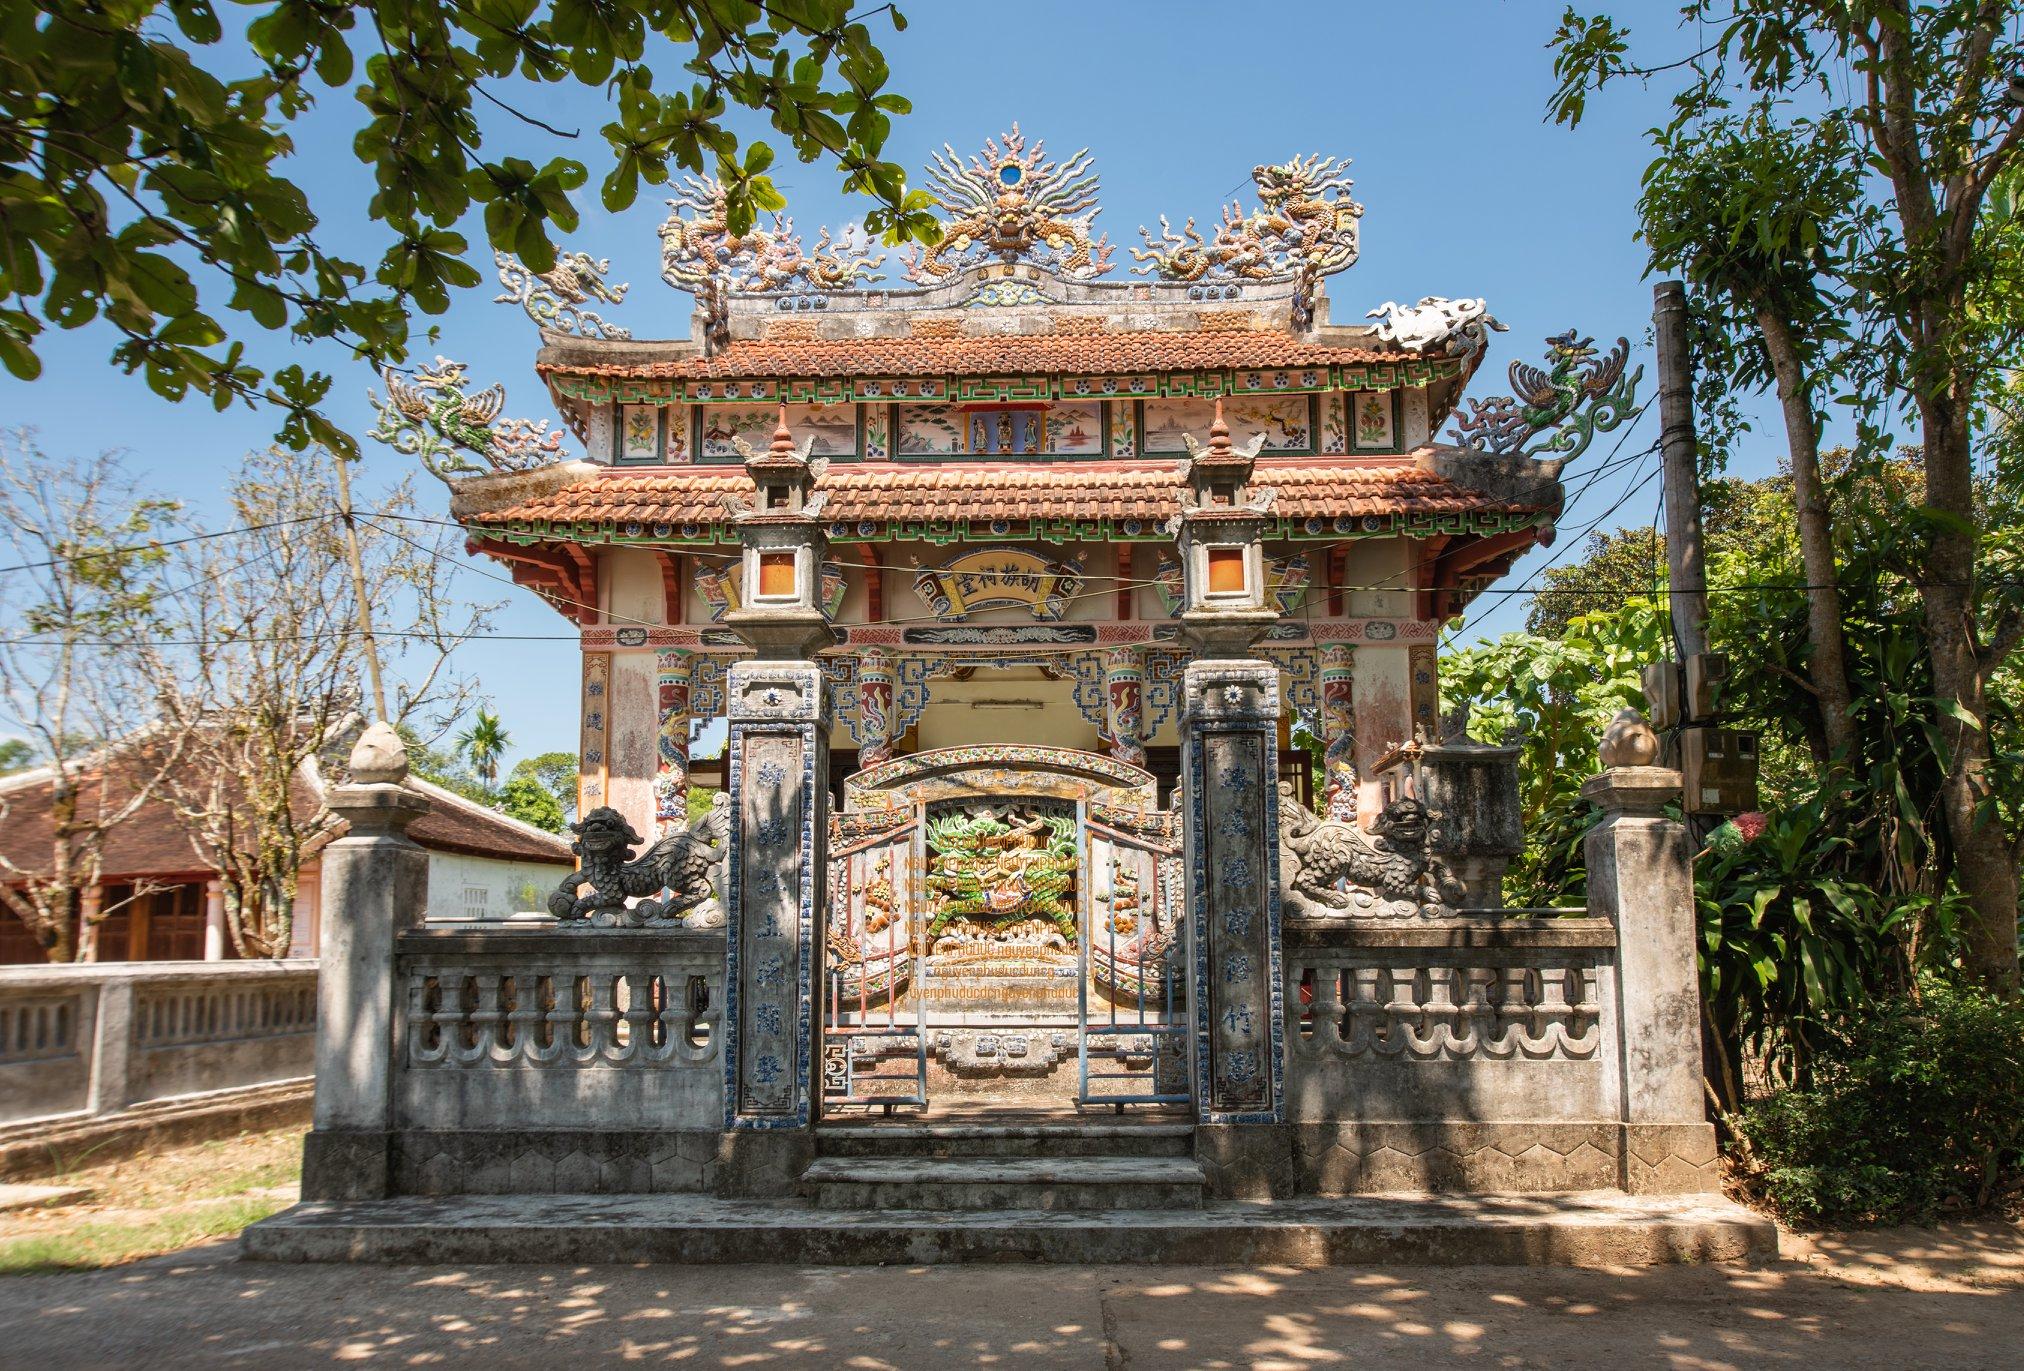 Nhà thờ họ Hồ 3 chi nhánh ở làng Phước Tích, Huế